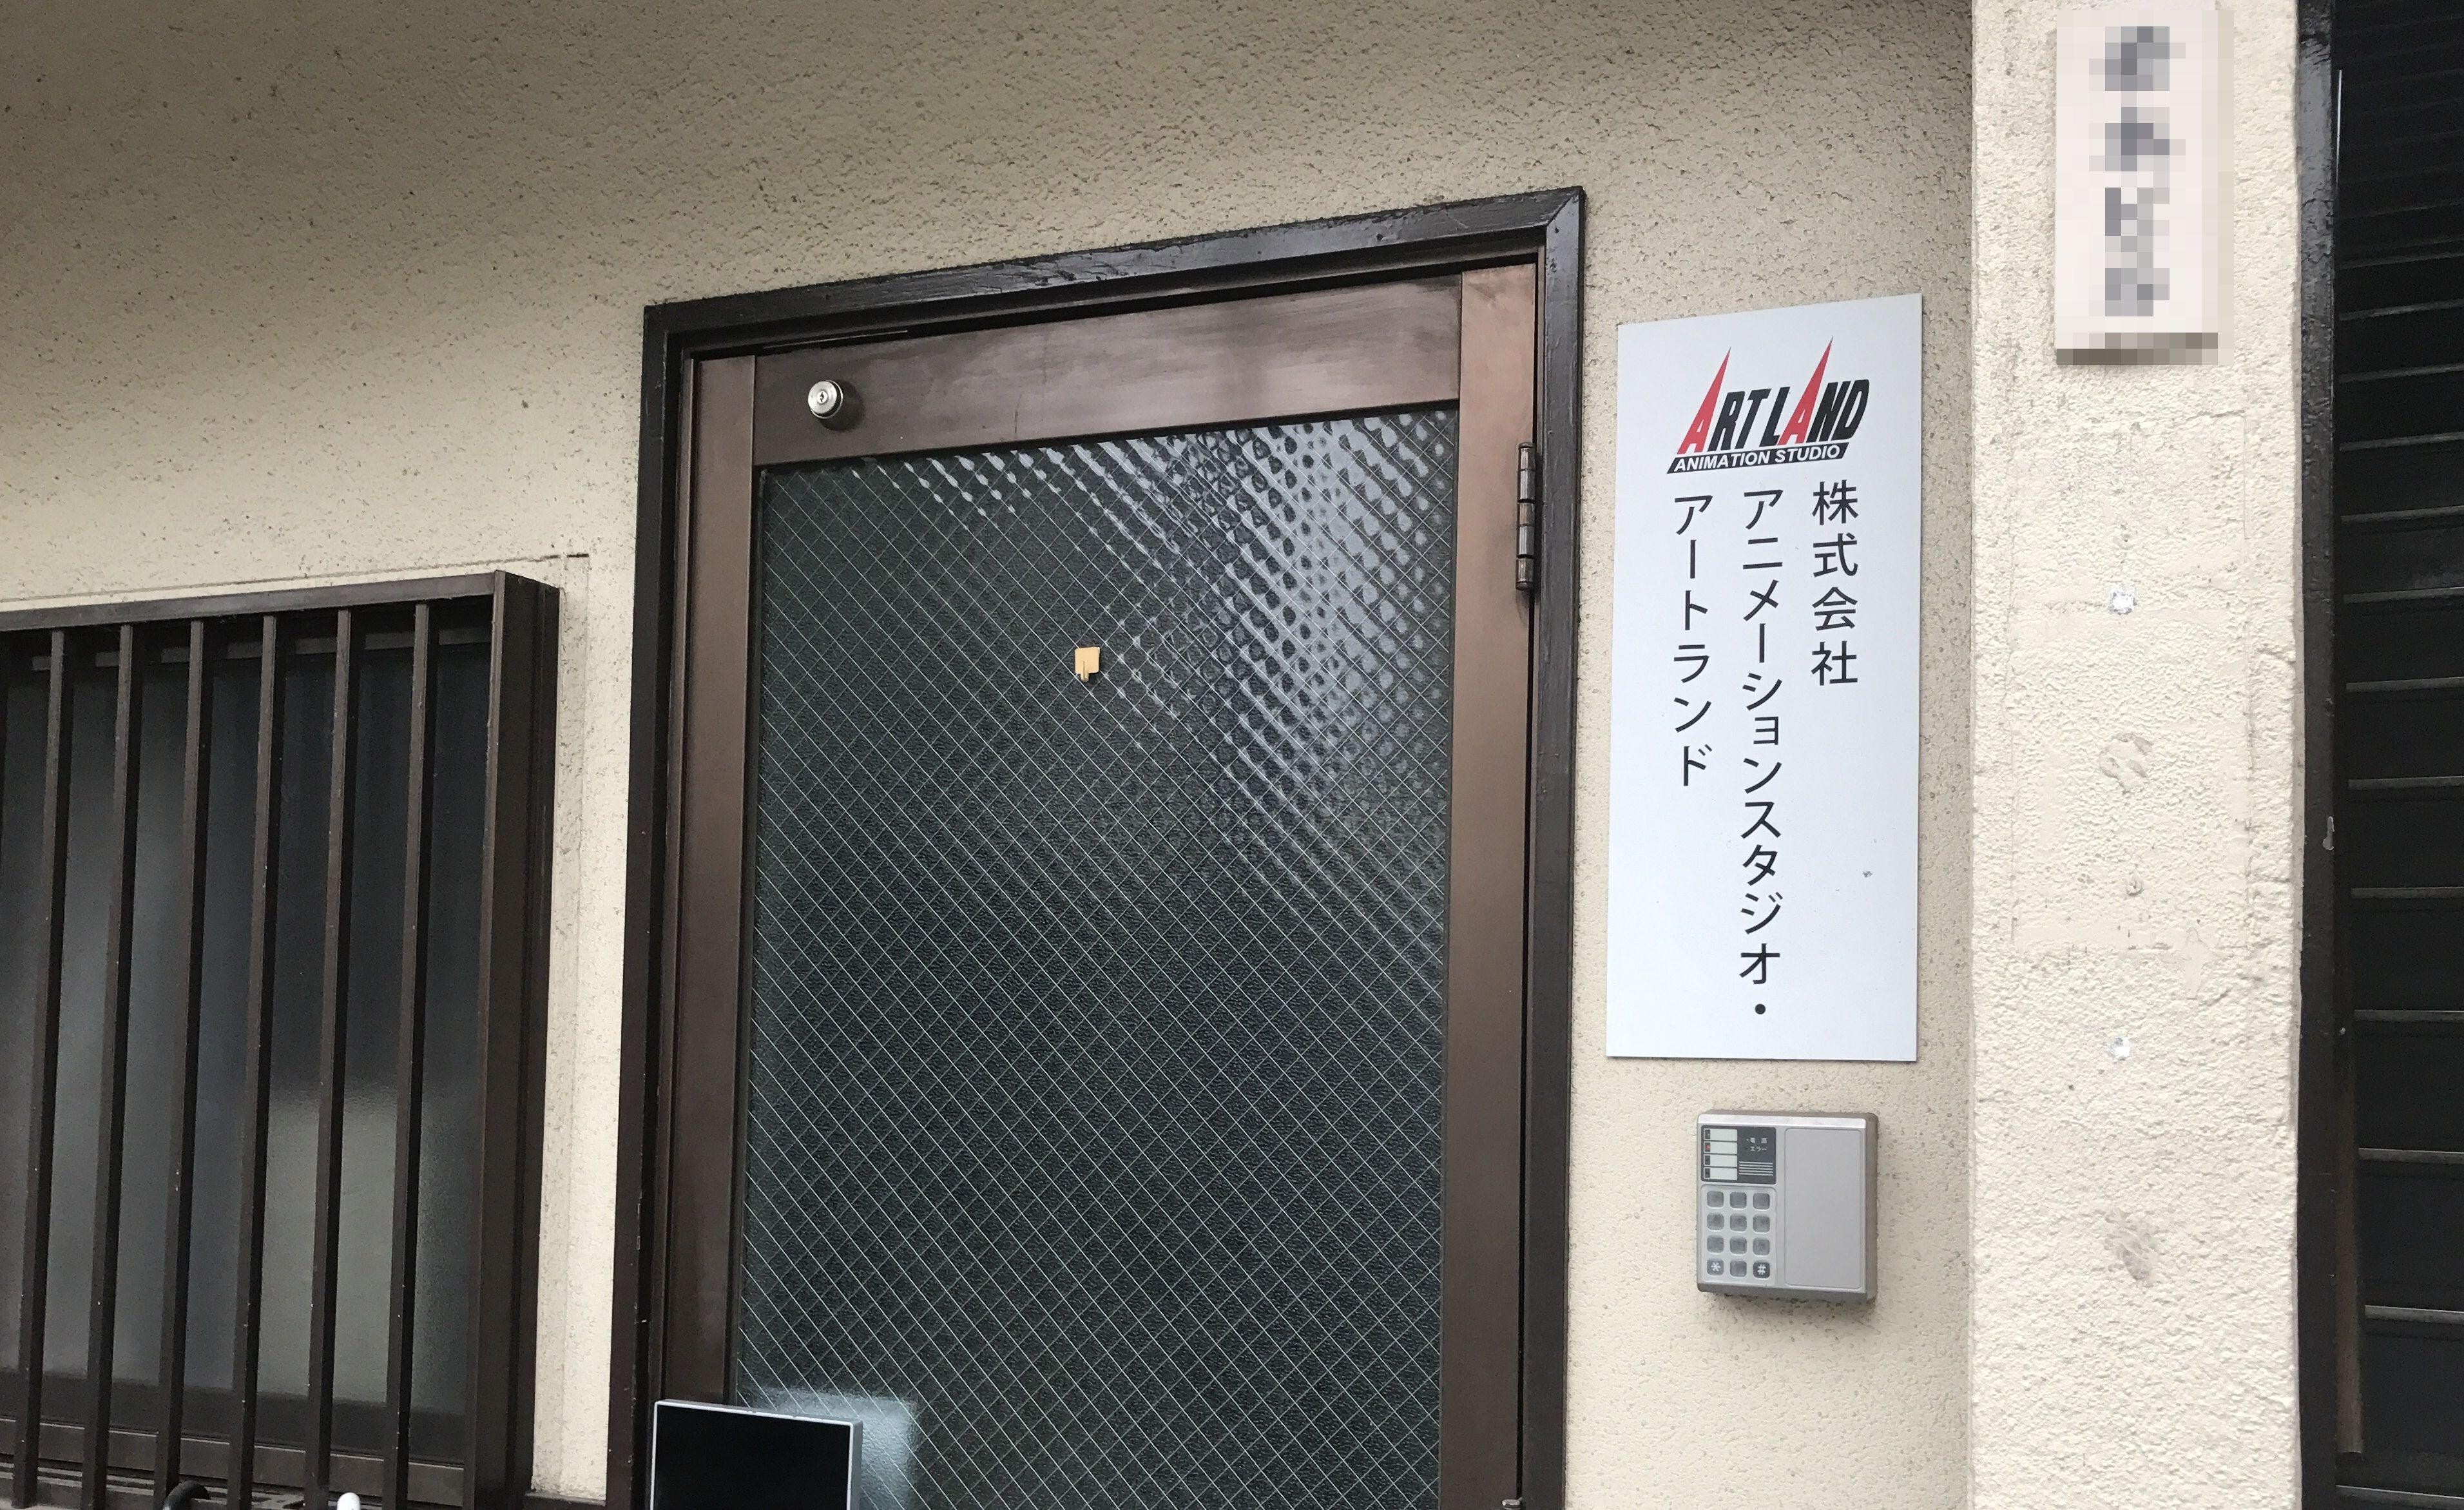 株)アニメーションスタジオ・アートランド : 東京商工リサーチ